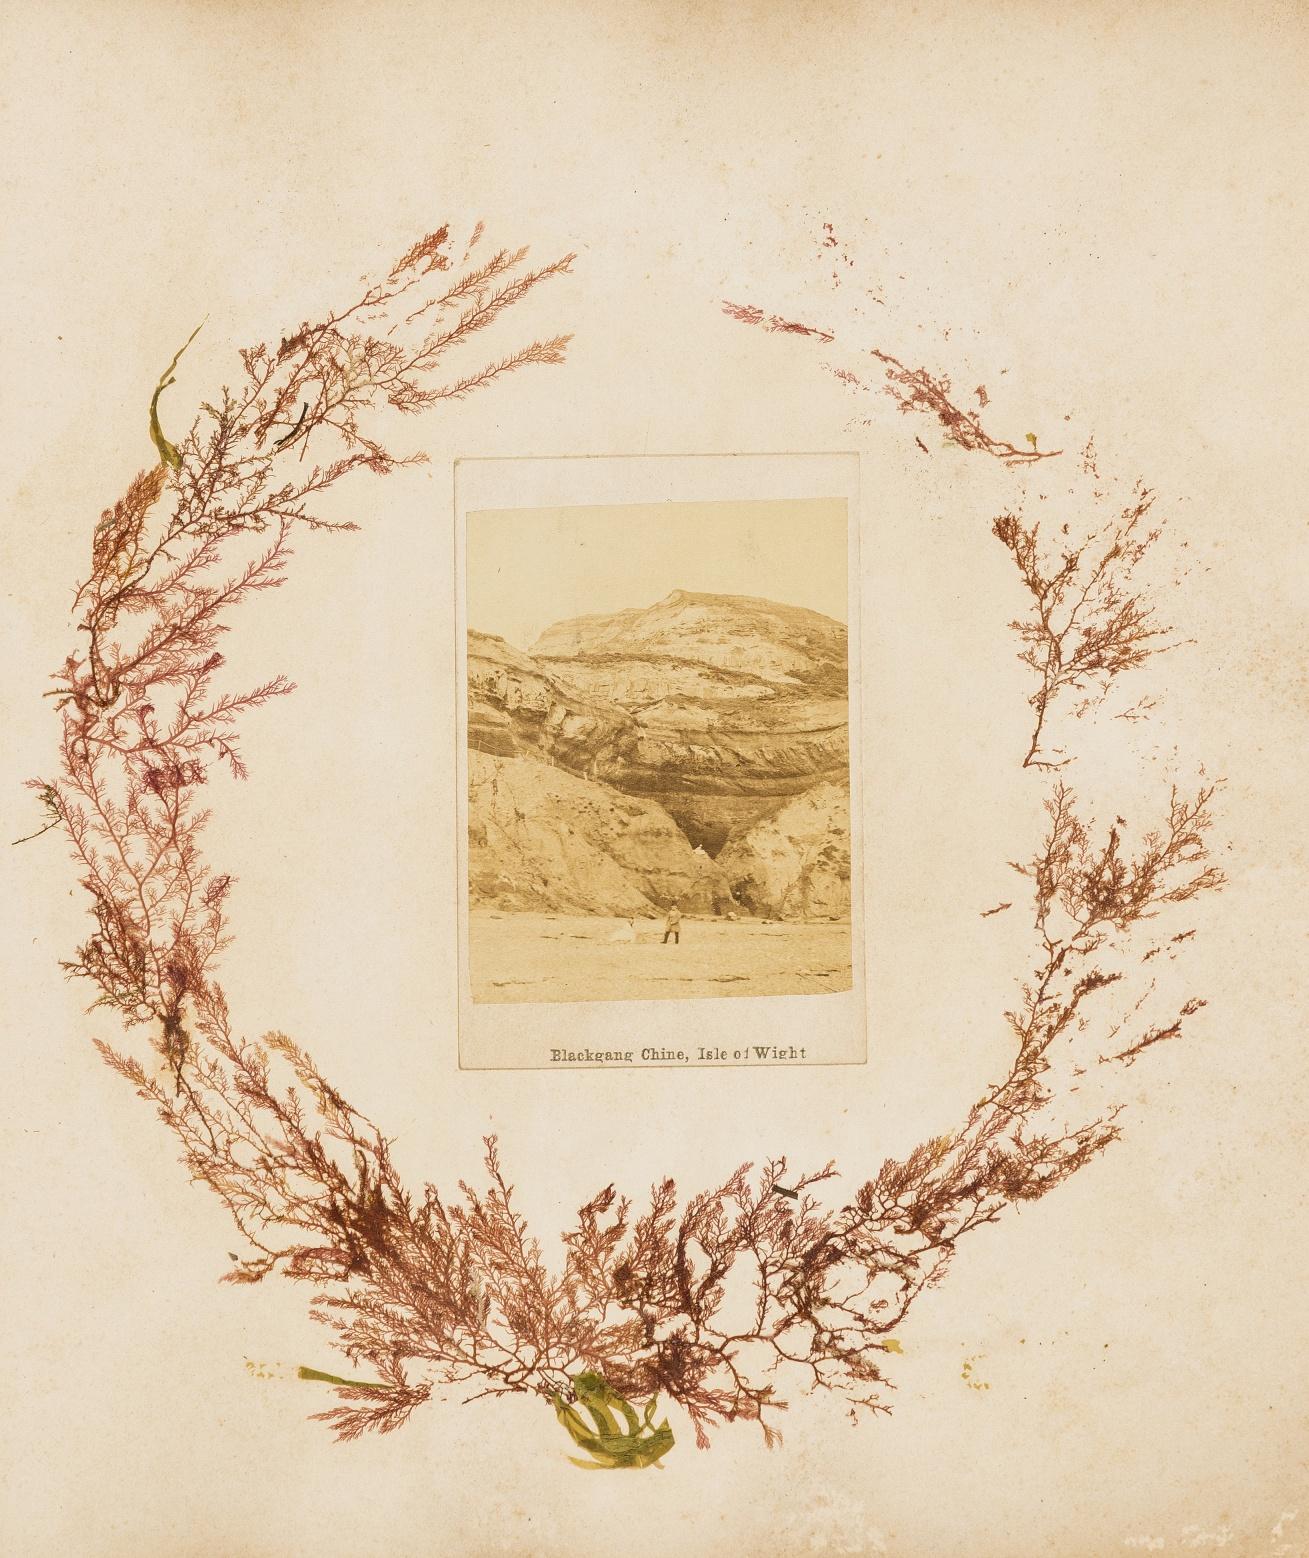 Seaweed.- Album of seaweeds, 1871.